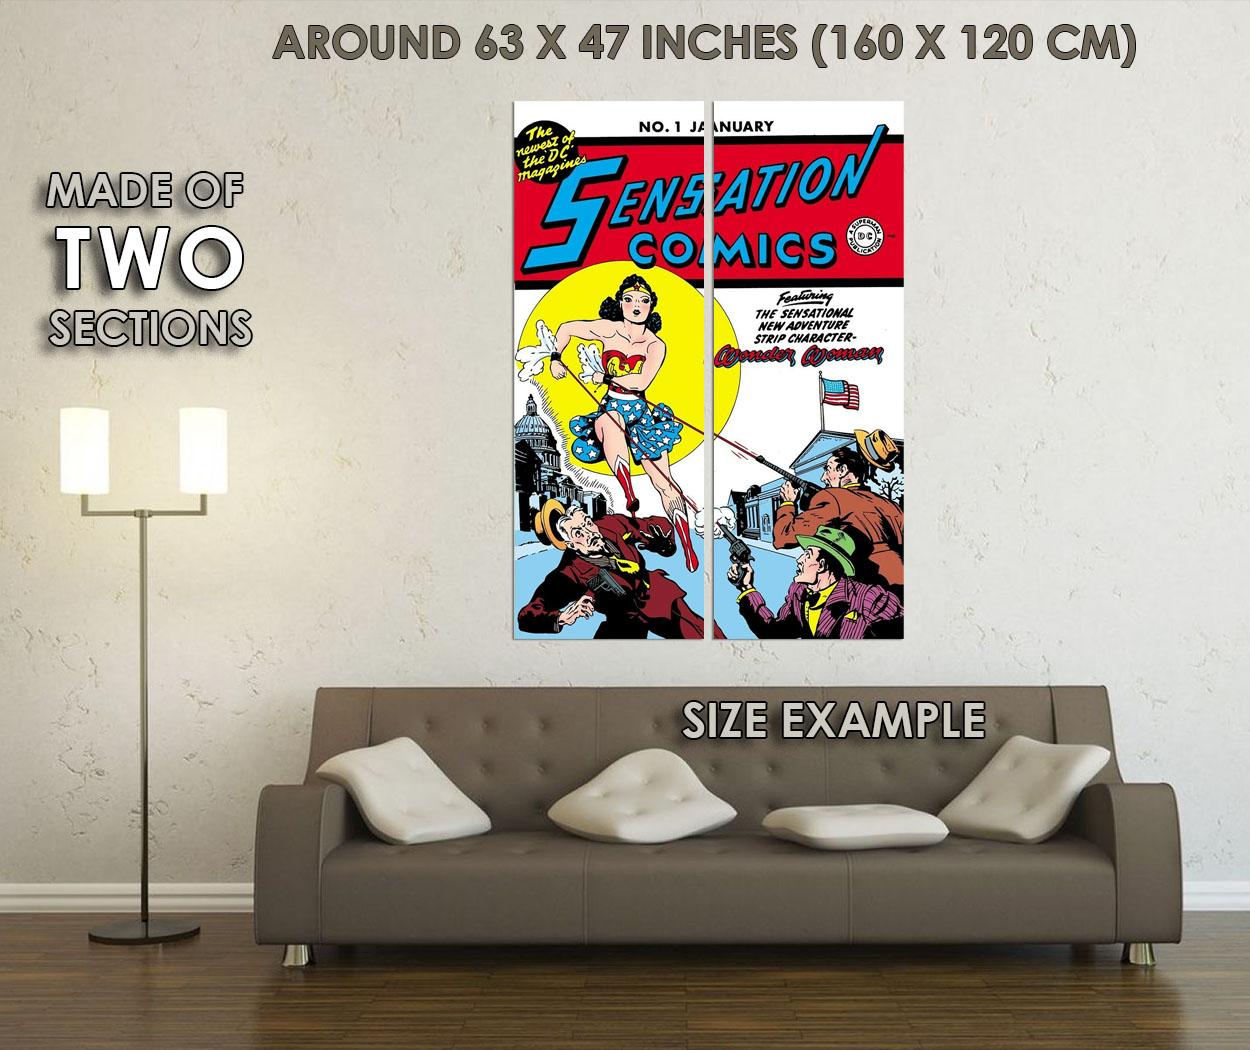 242522 SENSATION COMICS COMIC BOOK COVER WALL PRINT POSTER FR